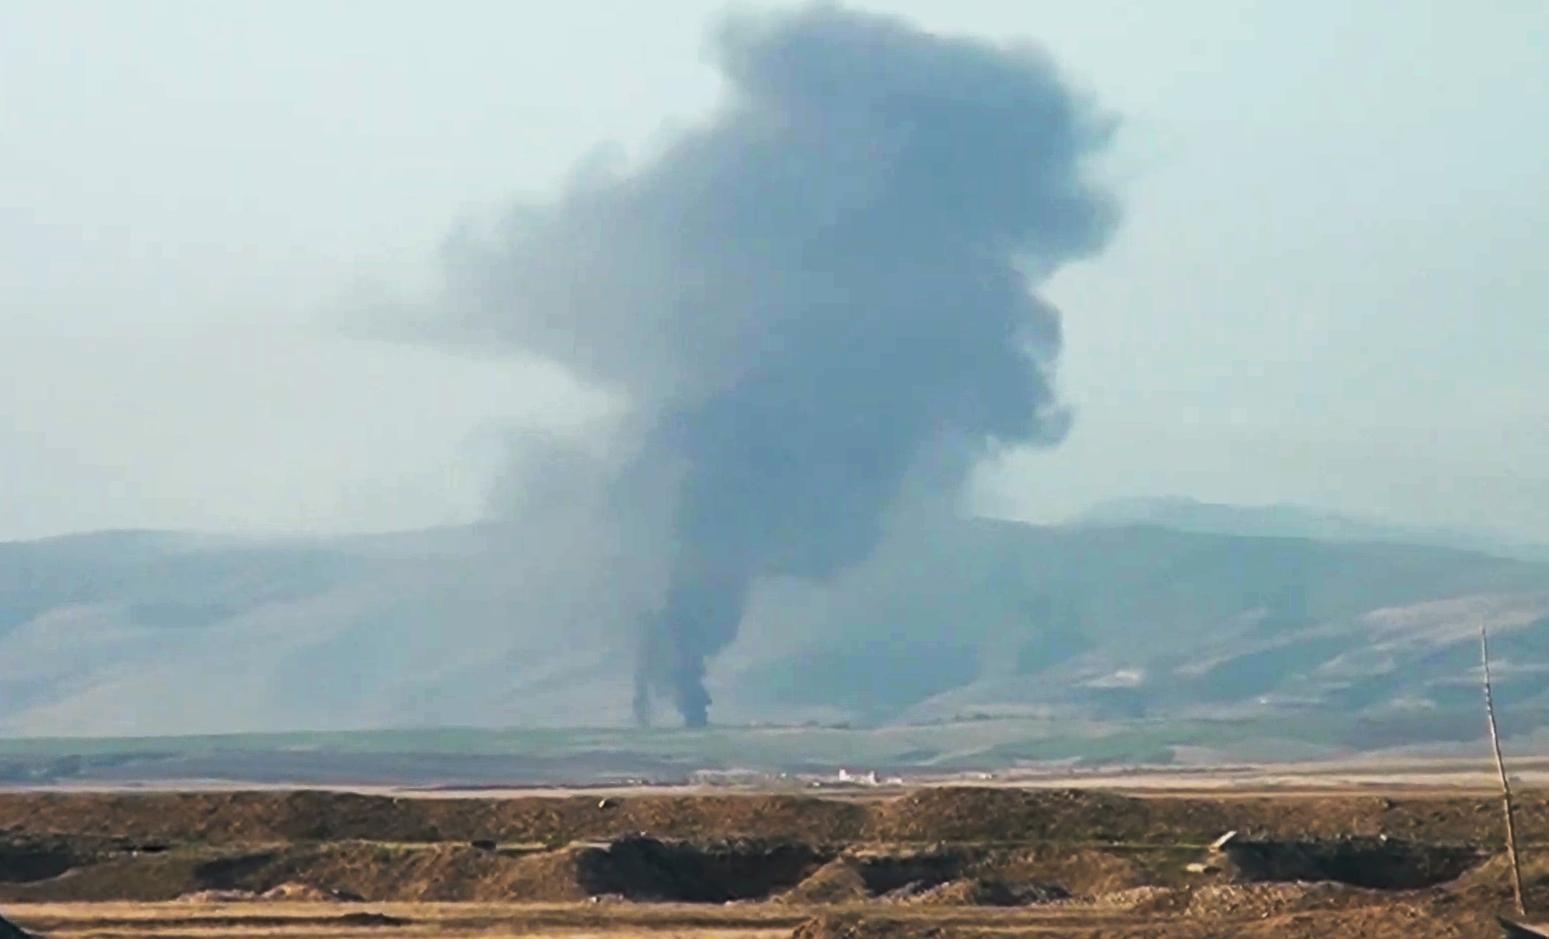 الدفاع الأرمنية: جرحى جراء قصف قوات أذربيجان مدينة خانكندي عاصمة جمهورية قره باغ المعلنة ذاتيا